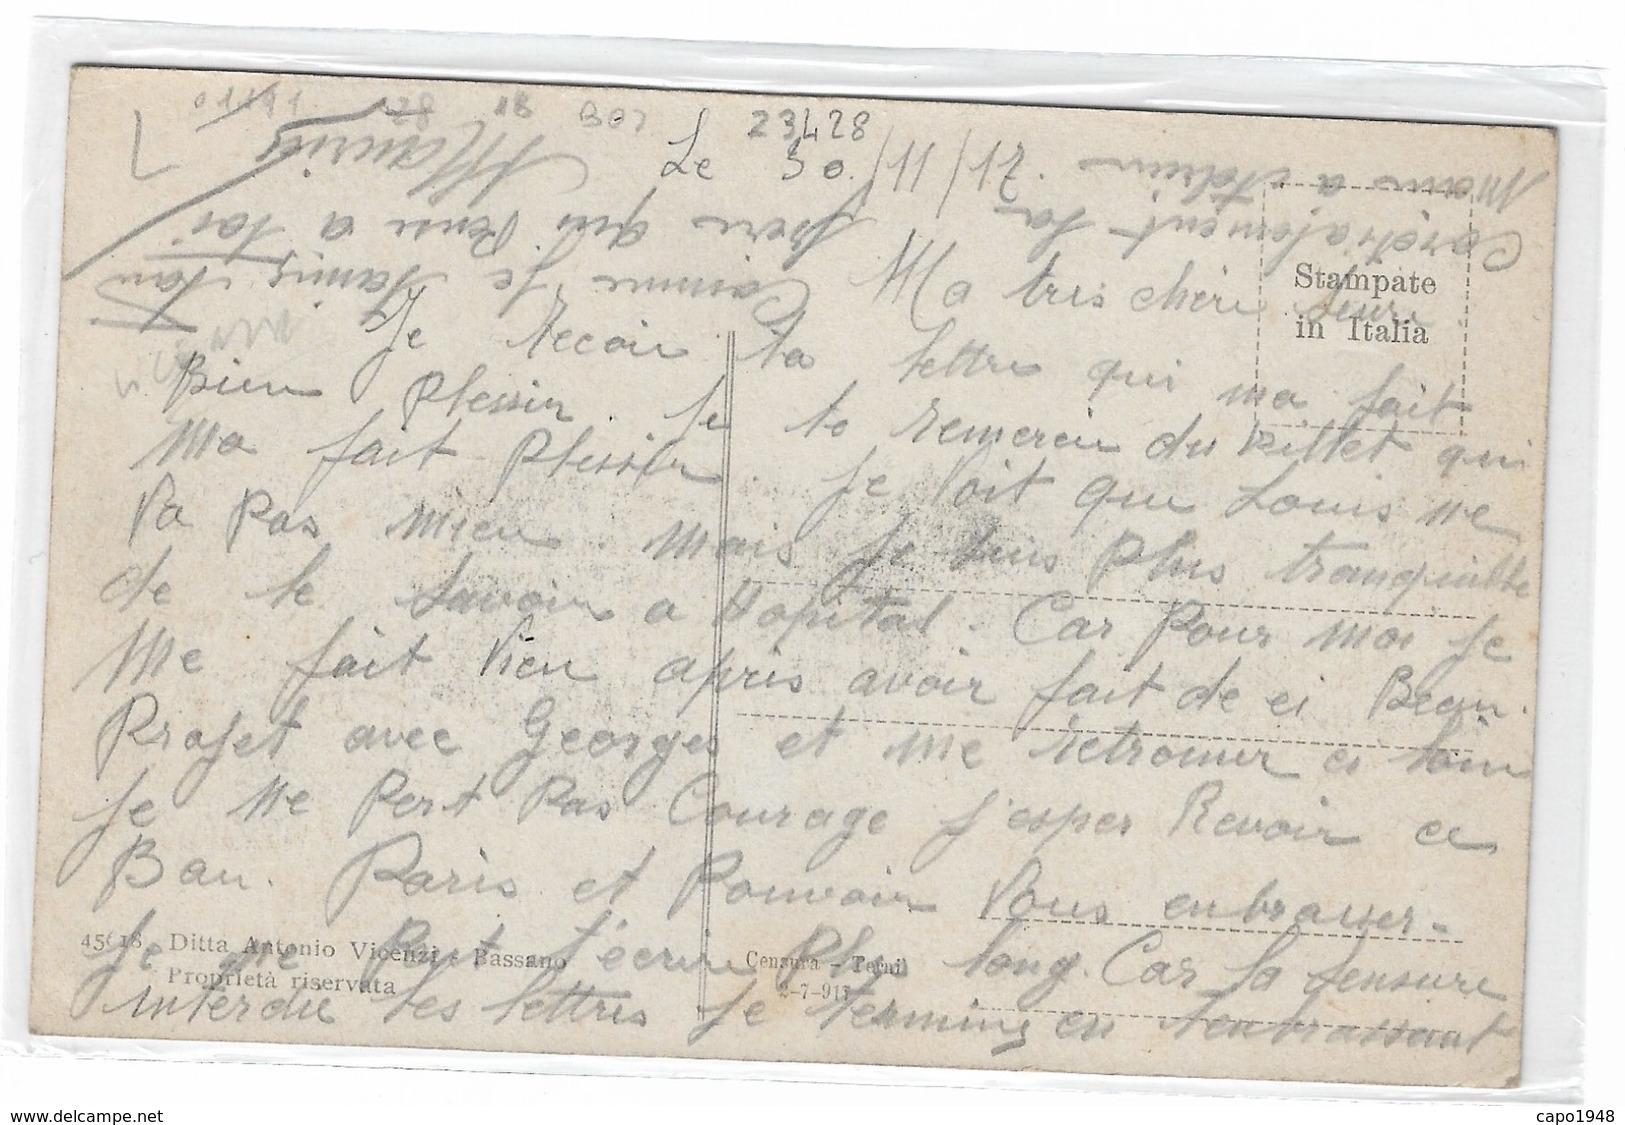 CARD BASSANO FORO BOARIO  SCUOLE ELEMENTARI PRINCIPE UMBERTO   (VICENZA)  FP-VDB-2 -0882-23428 - Vicenza